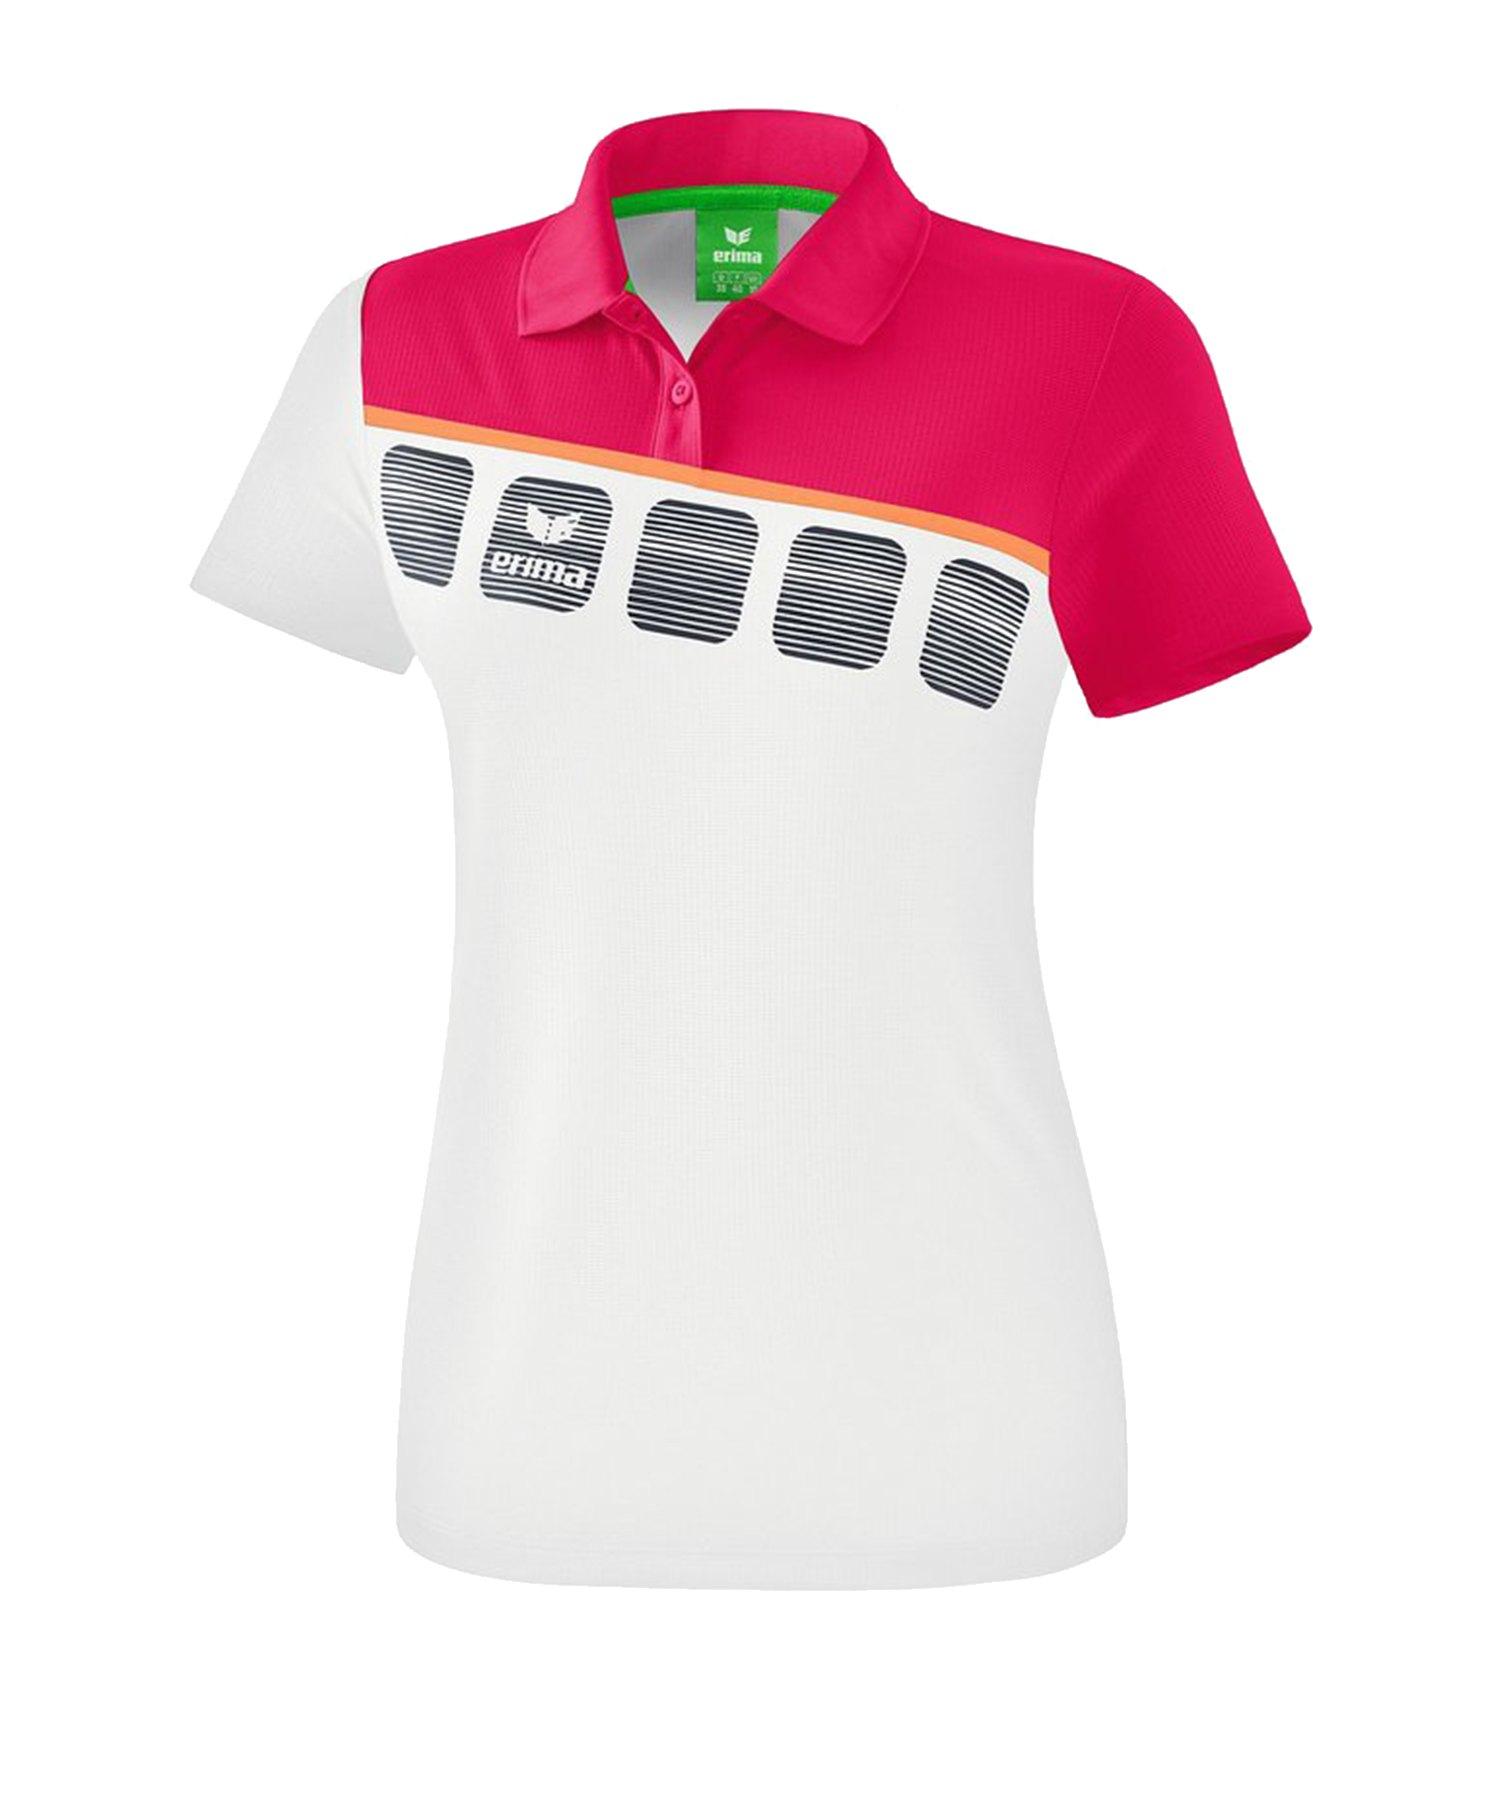 Erima 5-C Poloshirt Damen Weiss - Weiss